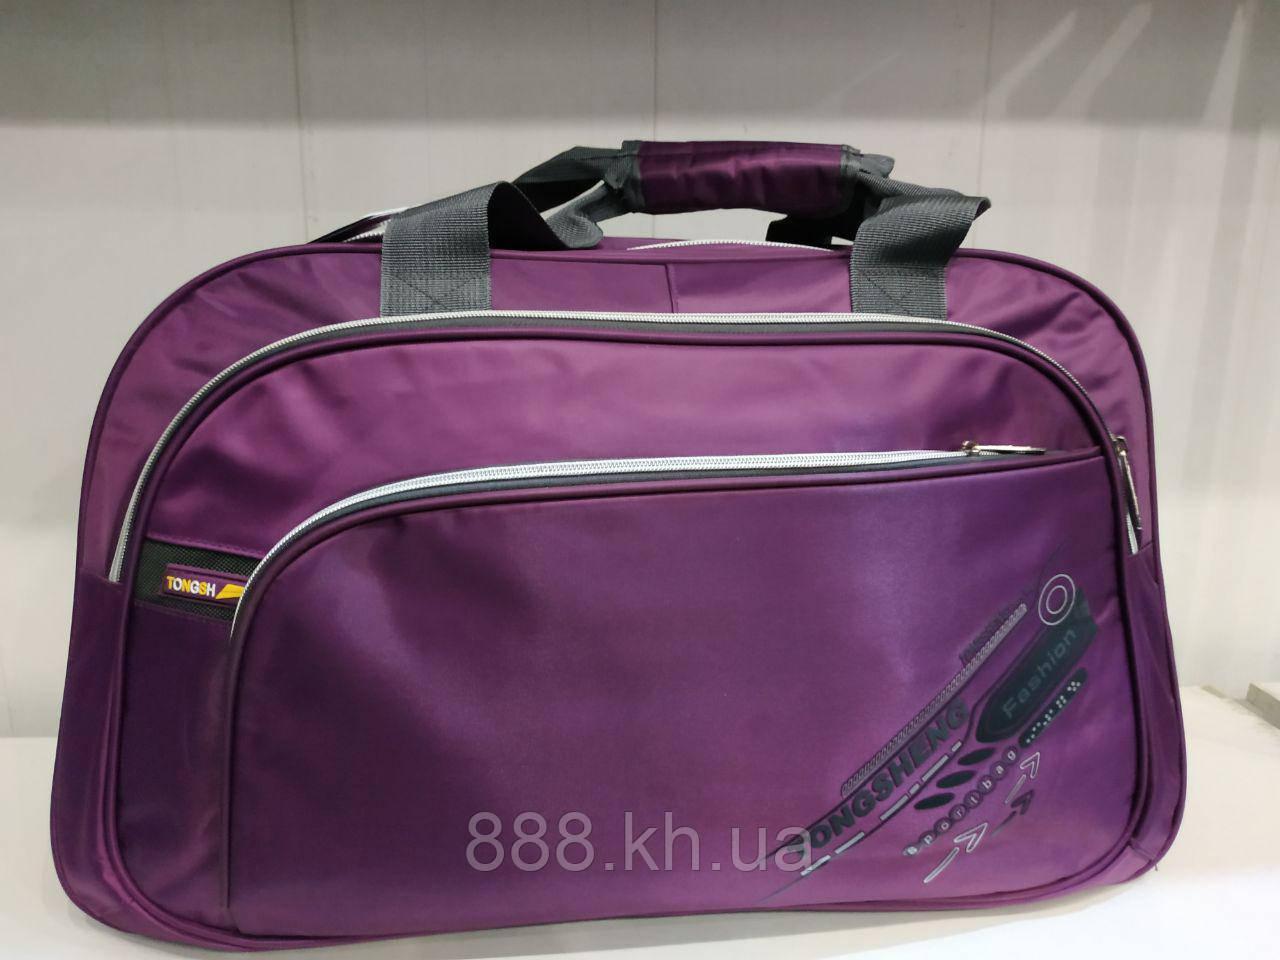 Дорожная универсальная сумка, сумка для поездок, дорожная сумка (фиолетовый)